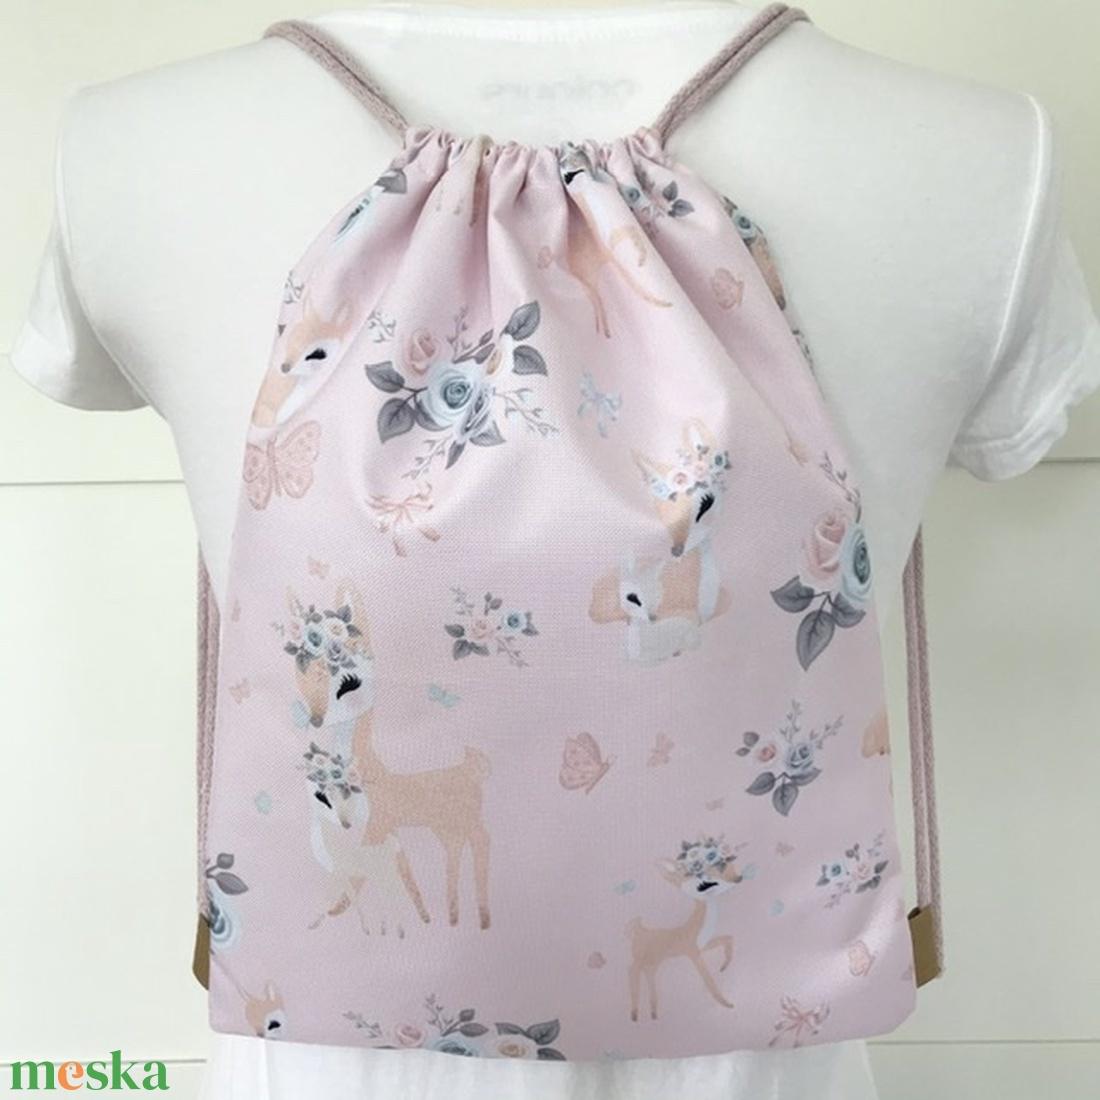 Őzike mintás, pasztell rózsaszín, VÍZLEPERGETŐS gymbag hátizsák, tornazsák,  úszáshoz, kiránduláshoz - Meska.hu